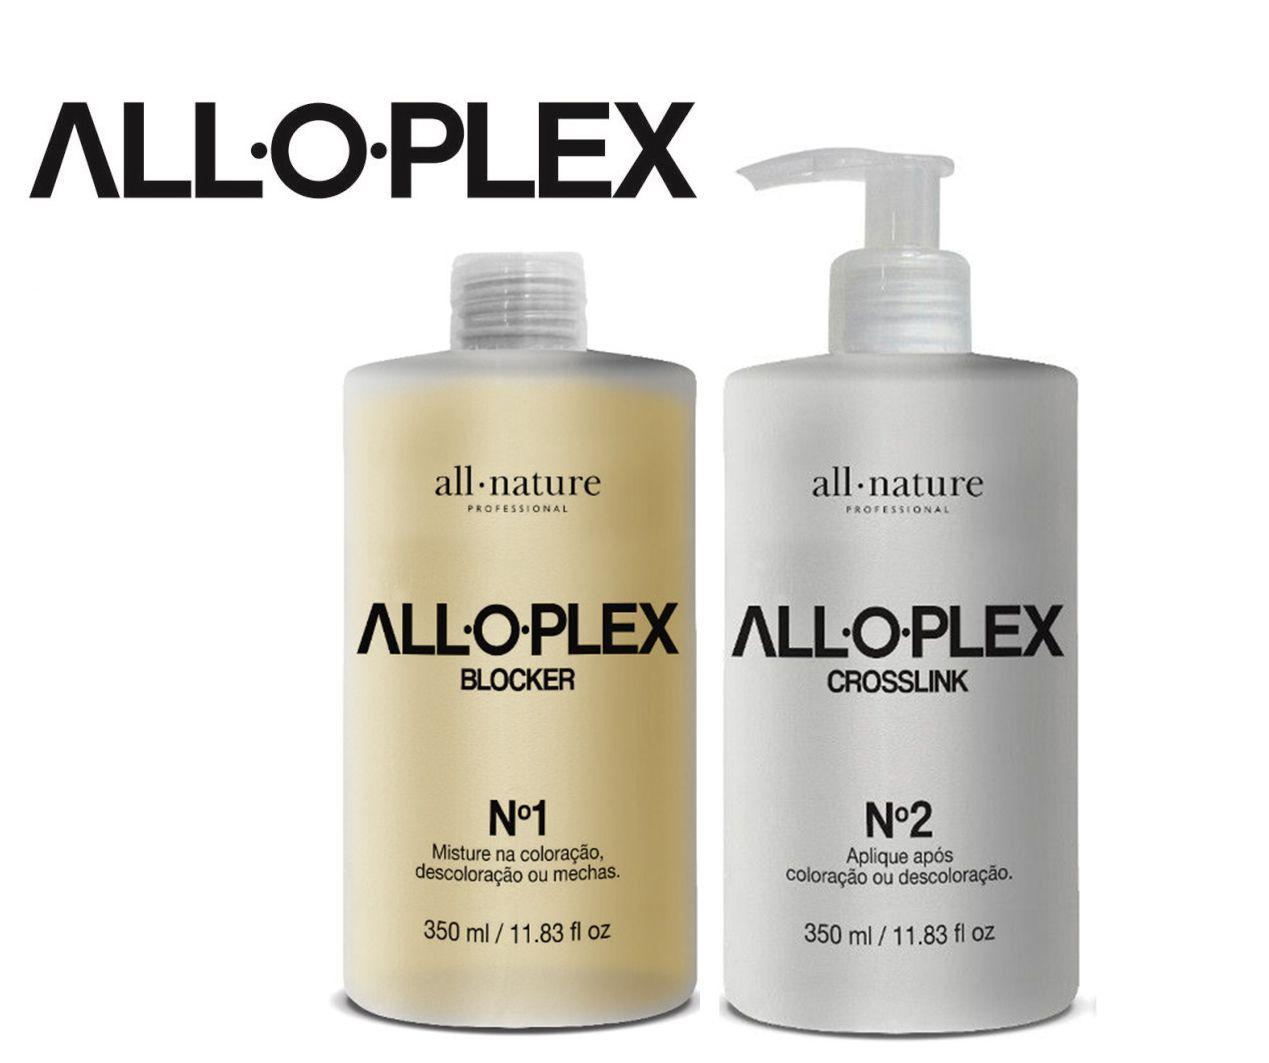 Bloqueador de Danos Nas Descolorações Mechas, Luzes, Colorações e Demais Químicas Aloplex Blocker nº 1 + Crosslink nº 2- All Nature